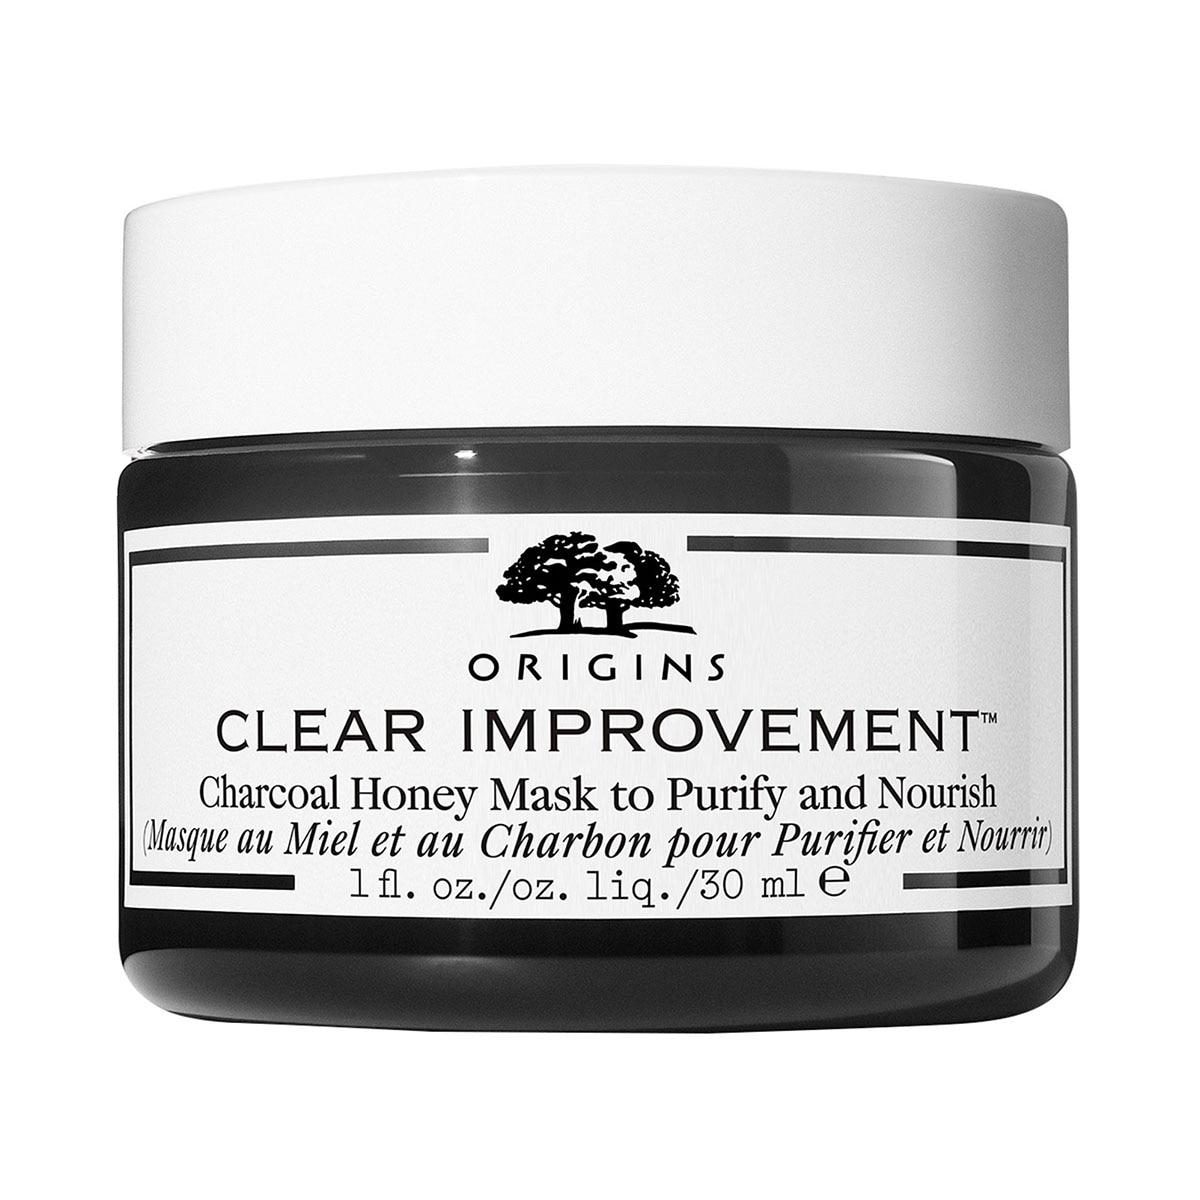 CLEAR IMPROVEMENT™ CHARCOAL HONEY MASK 30ML